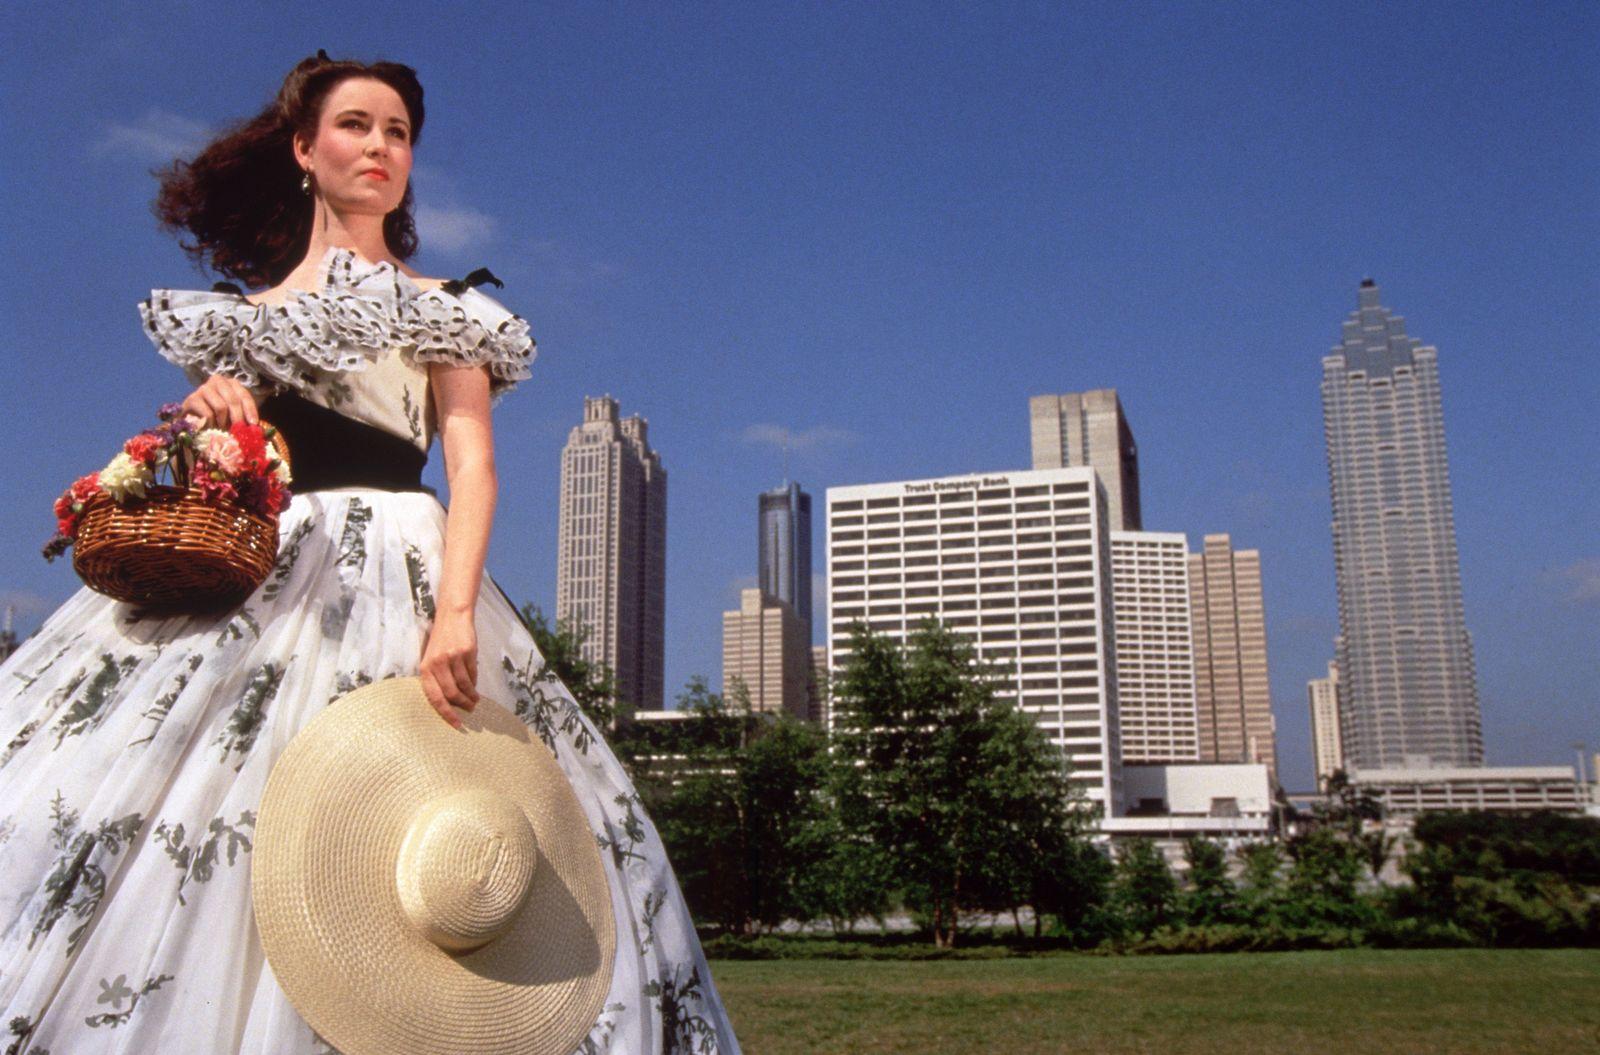 NICHT MEHR VERWENDEN! - Scarlett OHara / Atlanta-Skyline